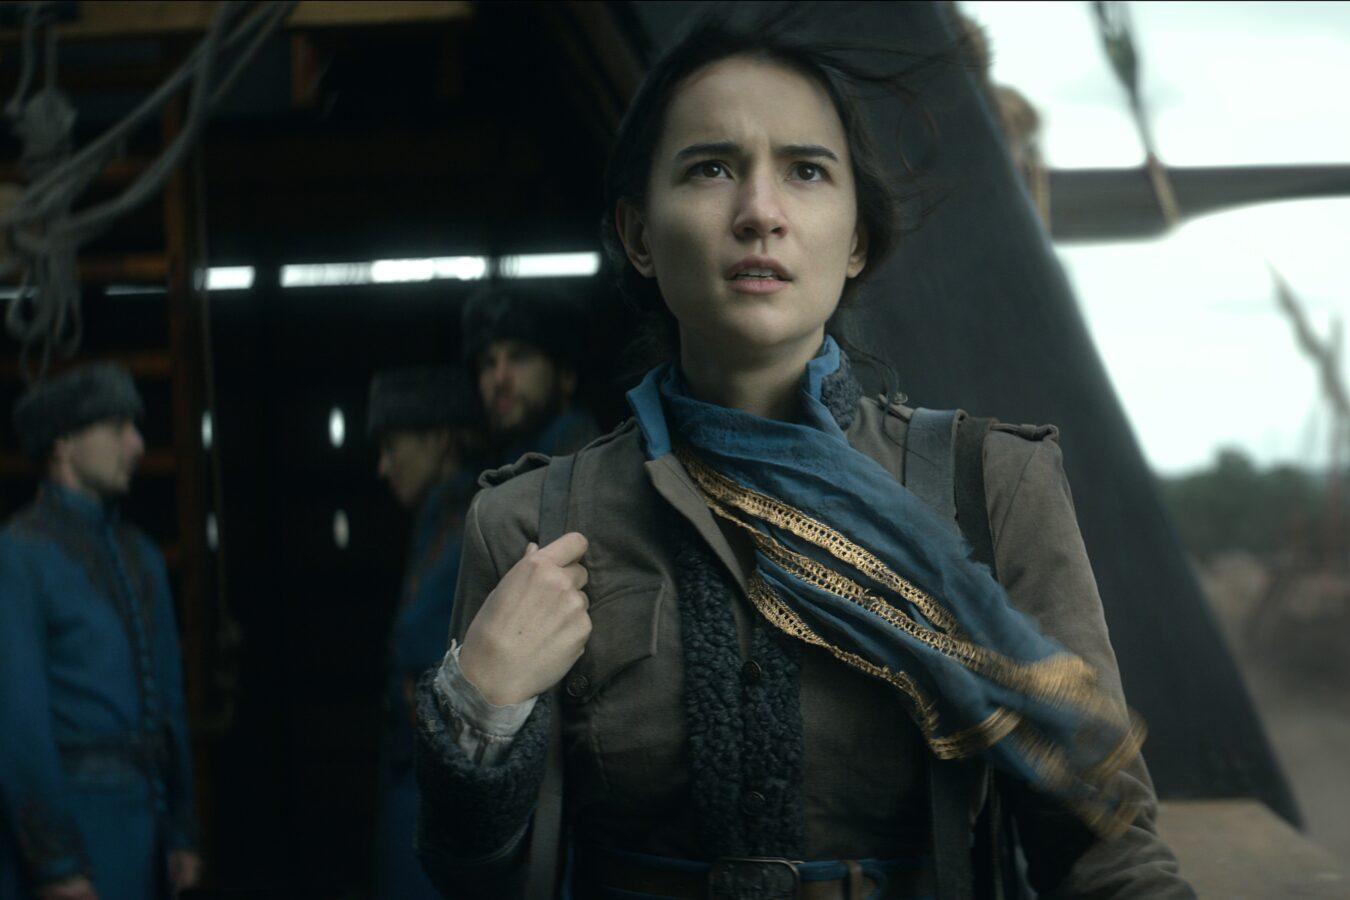 Jessie Mei Li as Alina Starkov of Shadow and Bone.